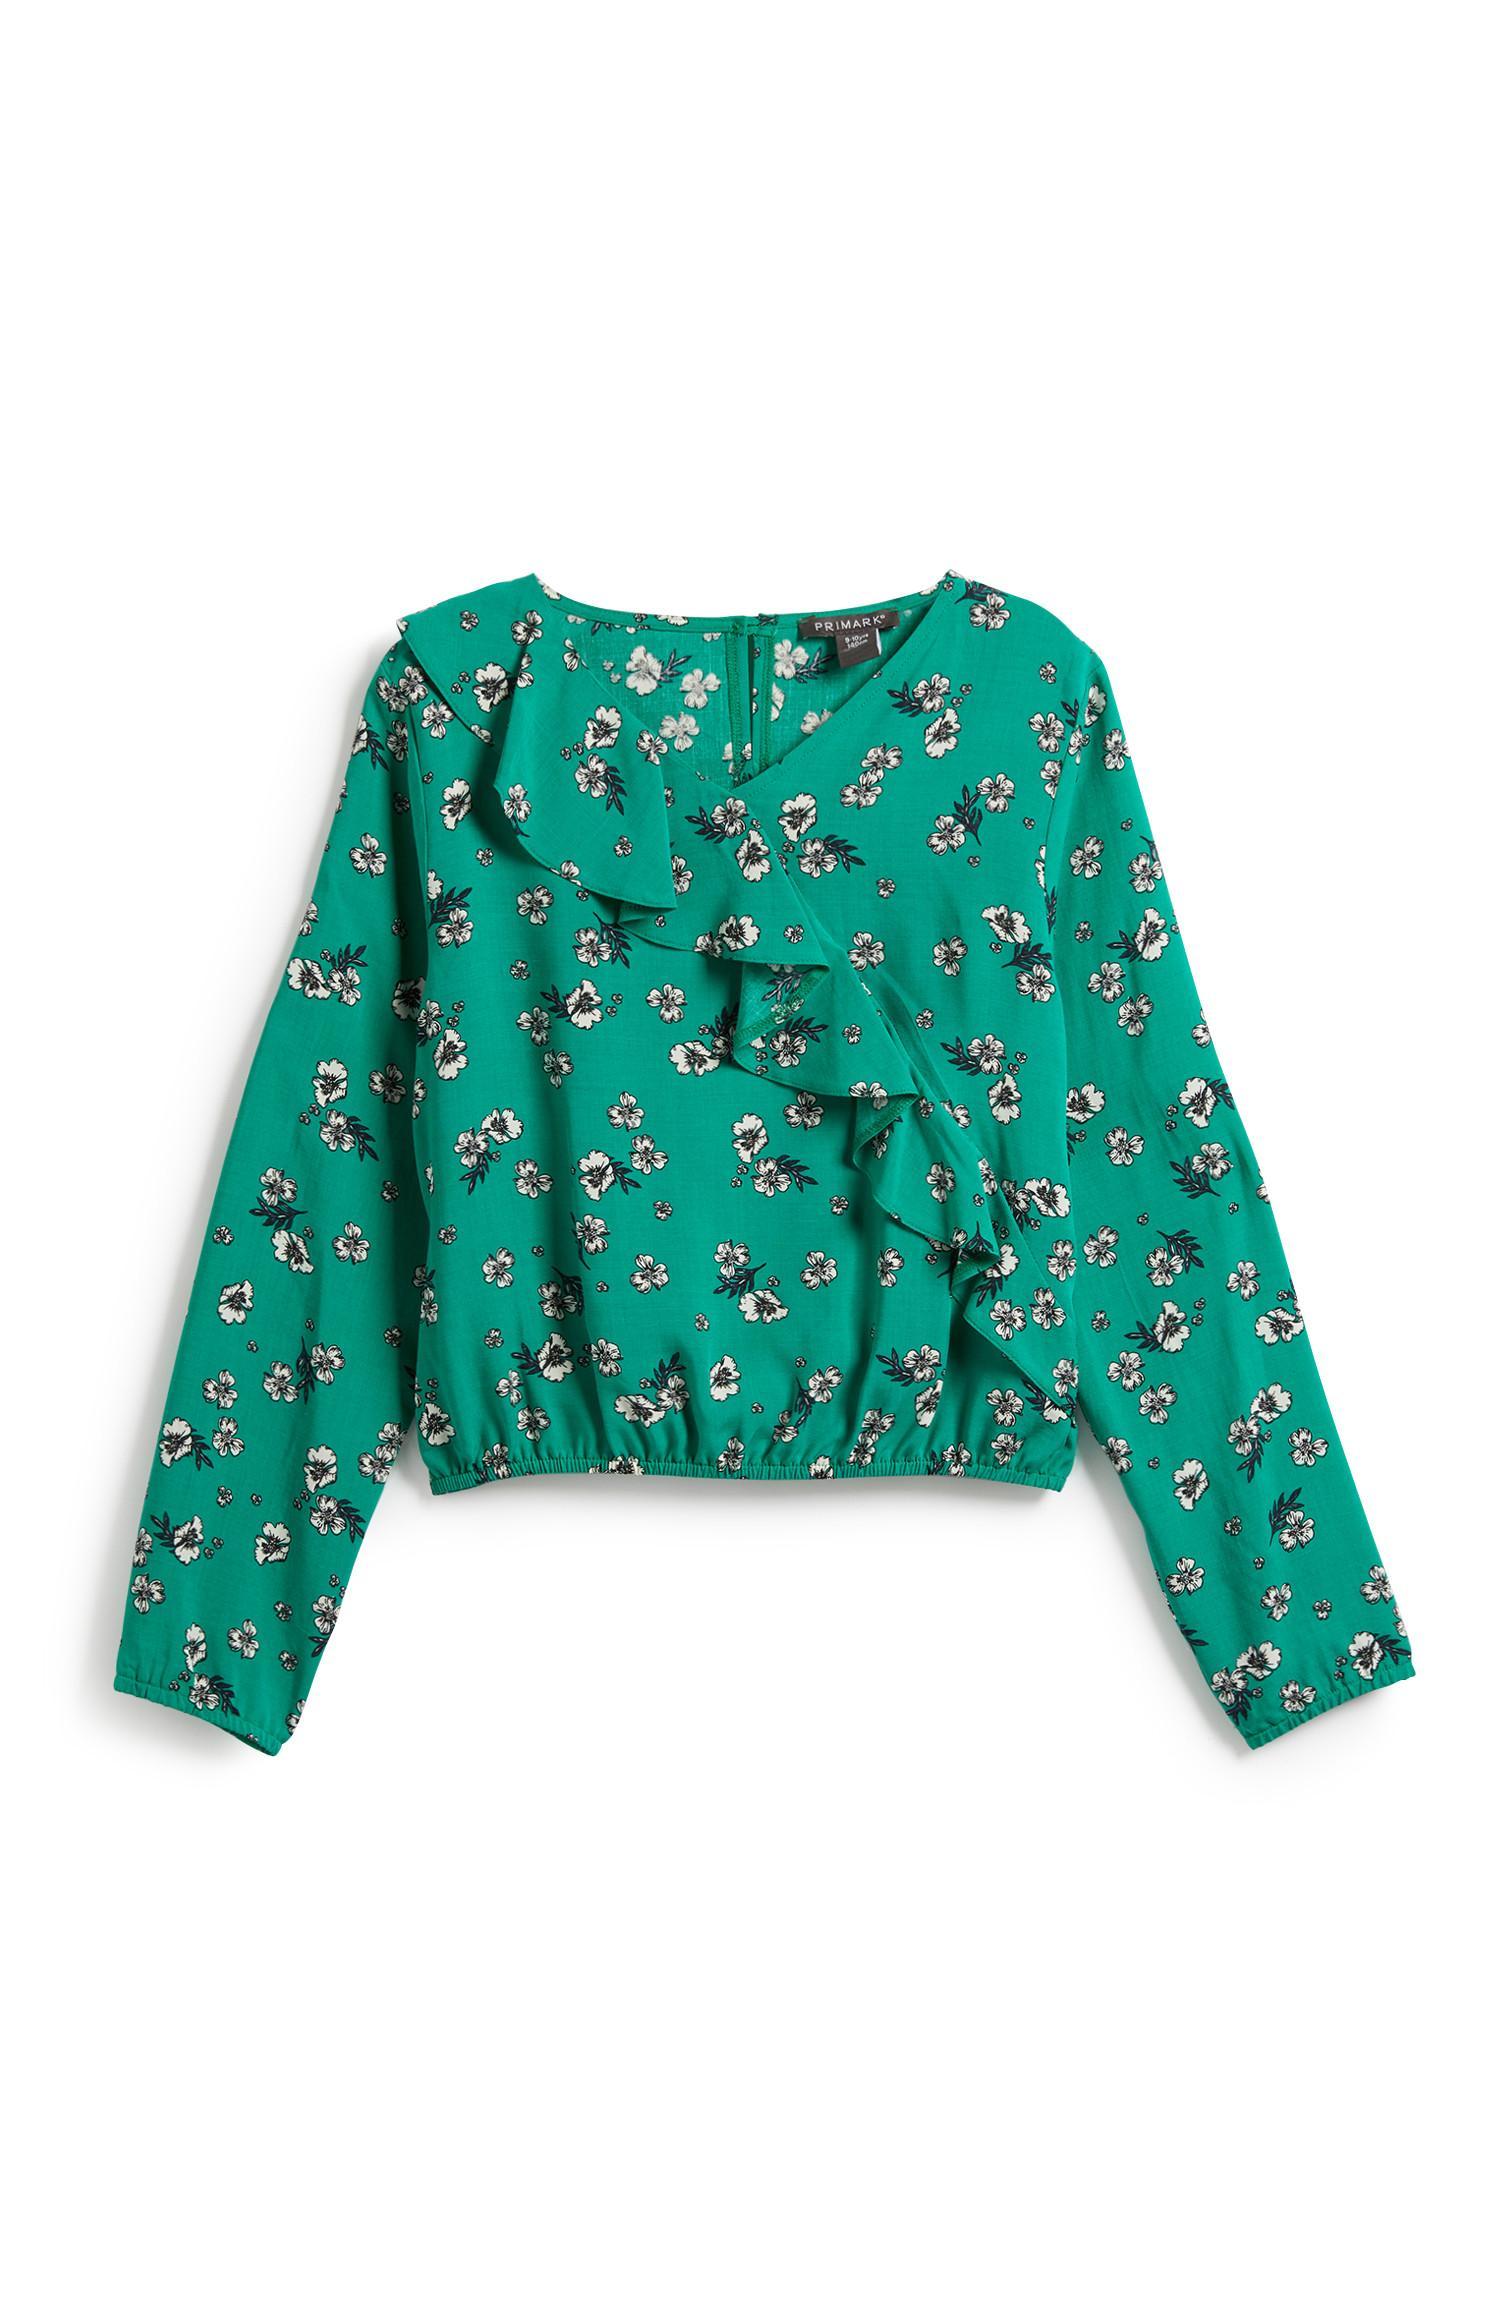 Older Girl Green Floral Blouse